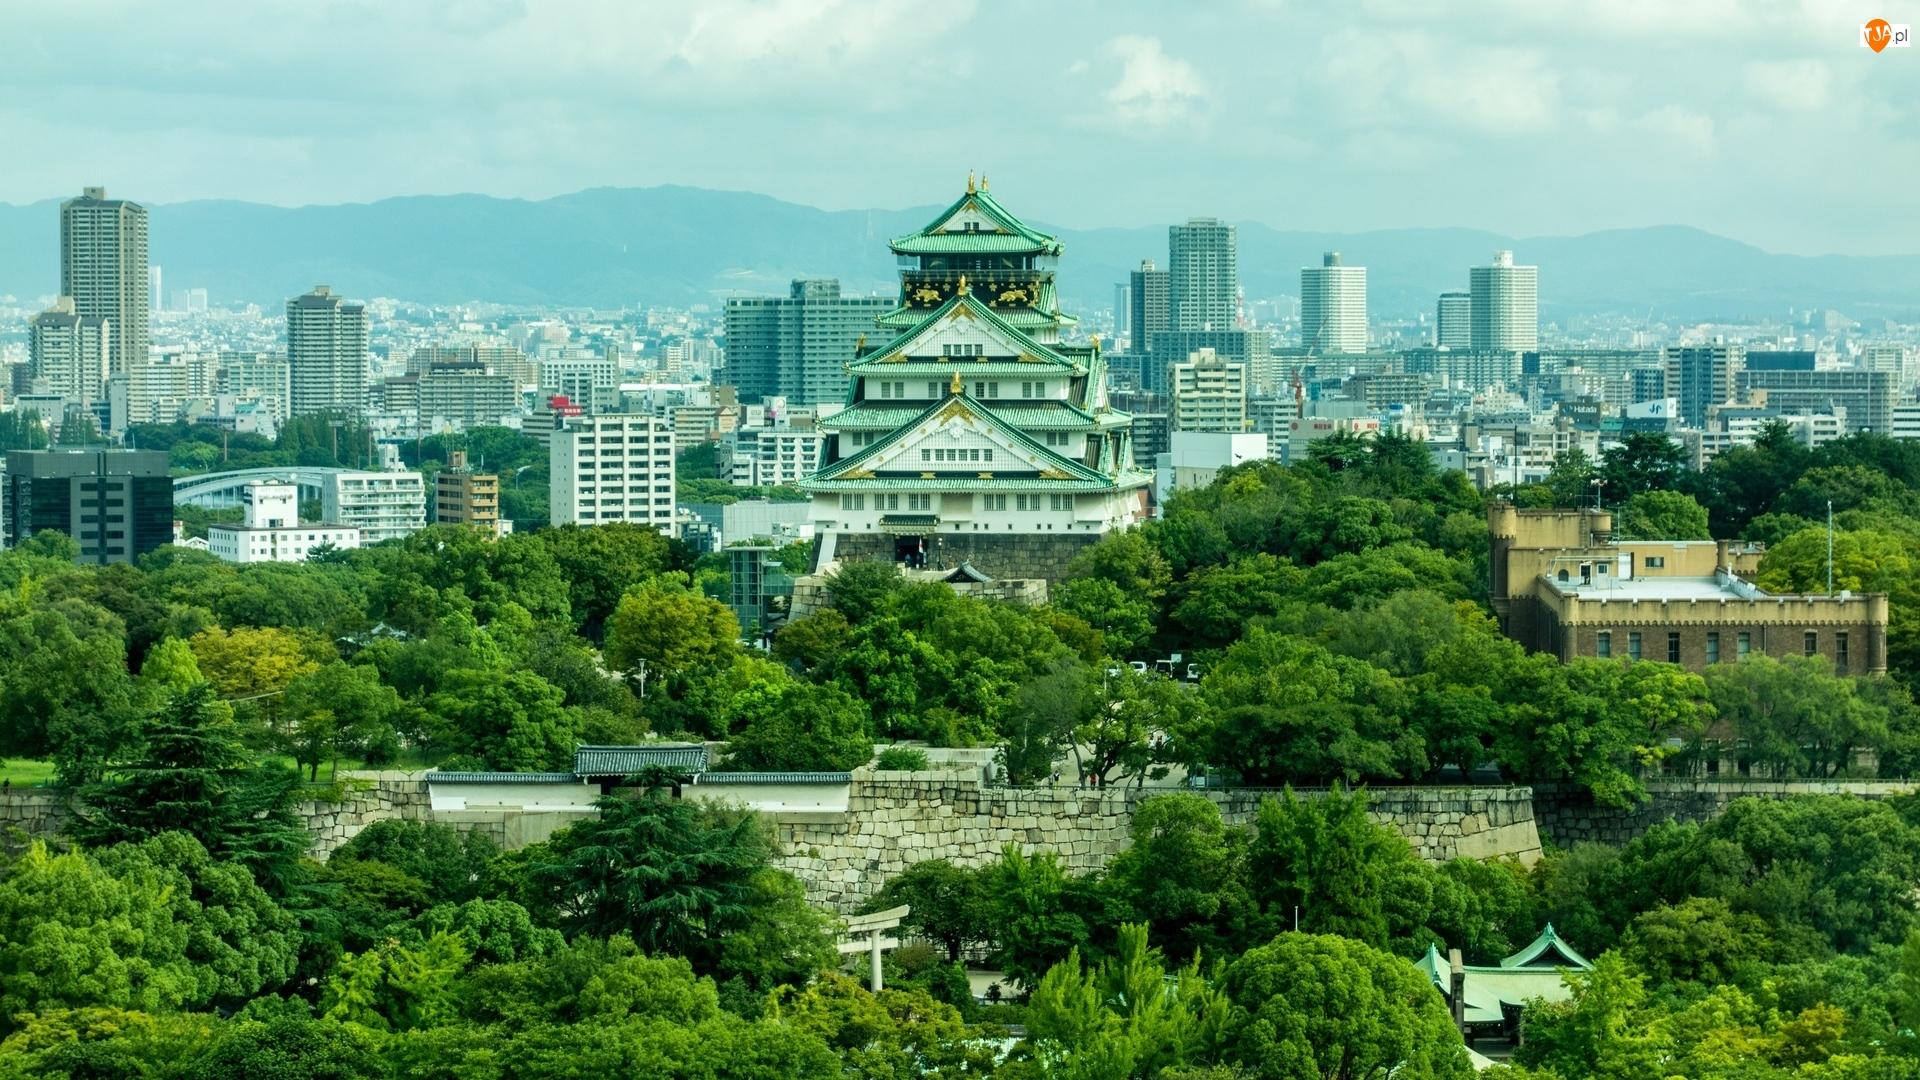 Drzewa, Zamek Osaka, Domy, Osaka, Osaka-jo, Mur, Japonia, Brokatowy zamek